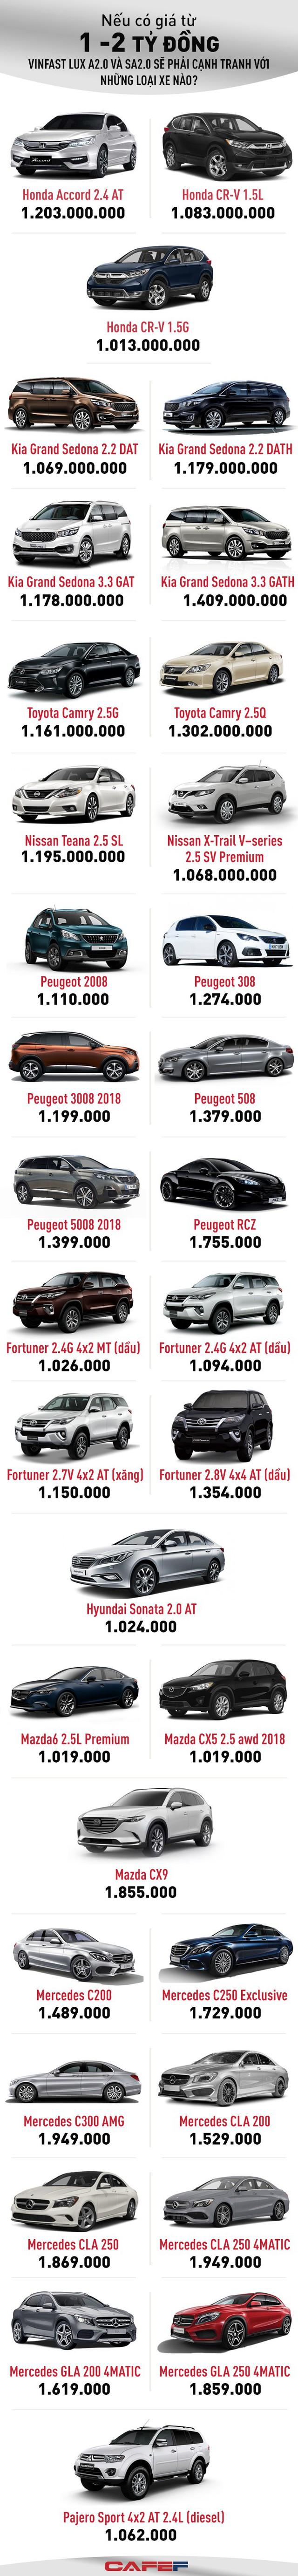 Nếu có giá từ 1 - 2 tỷ đồng VinFast sẽ phải cạnh tranh với những dòng xe nào? - Ảnh 1.